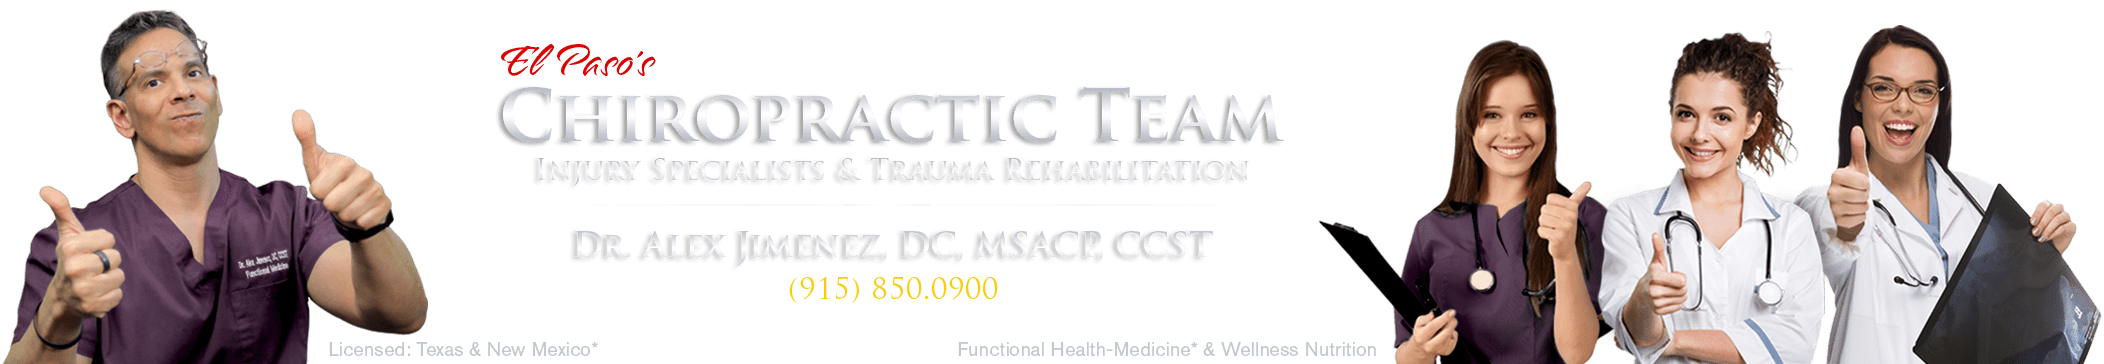 El Paso'nun Premier Şiropraktik Kliniği 915-850-0900